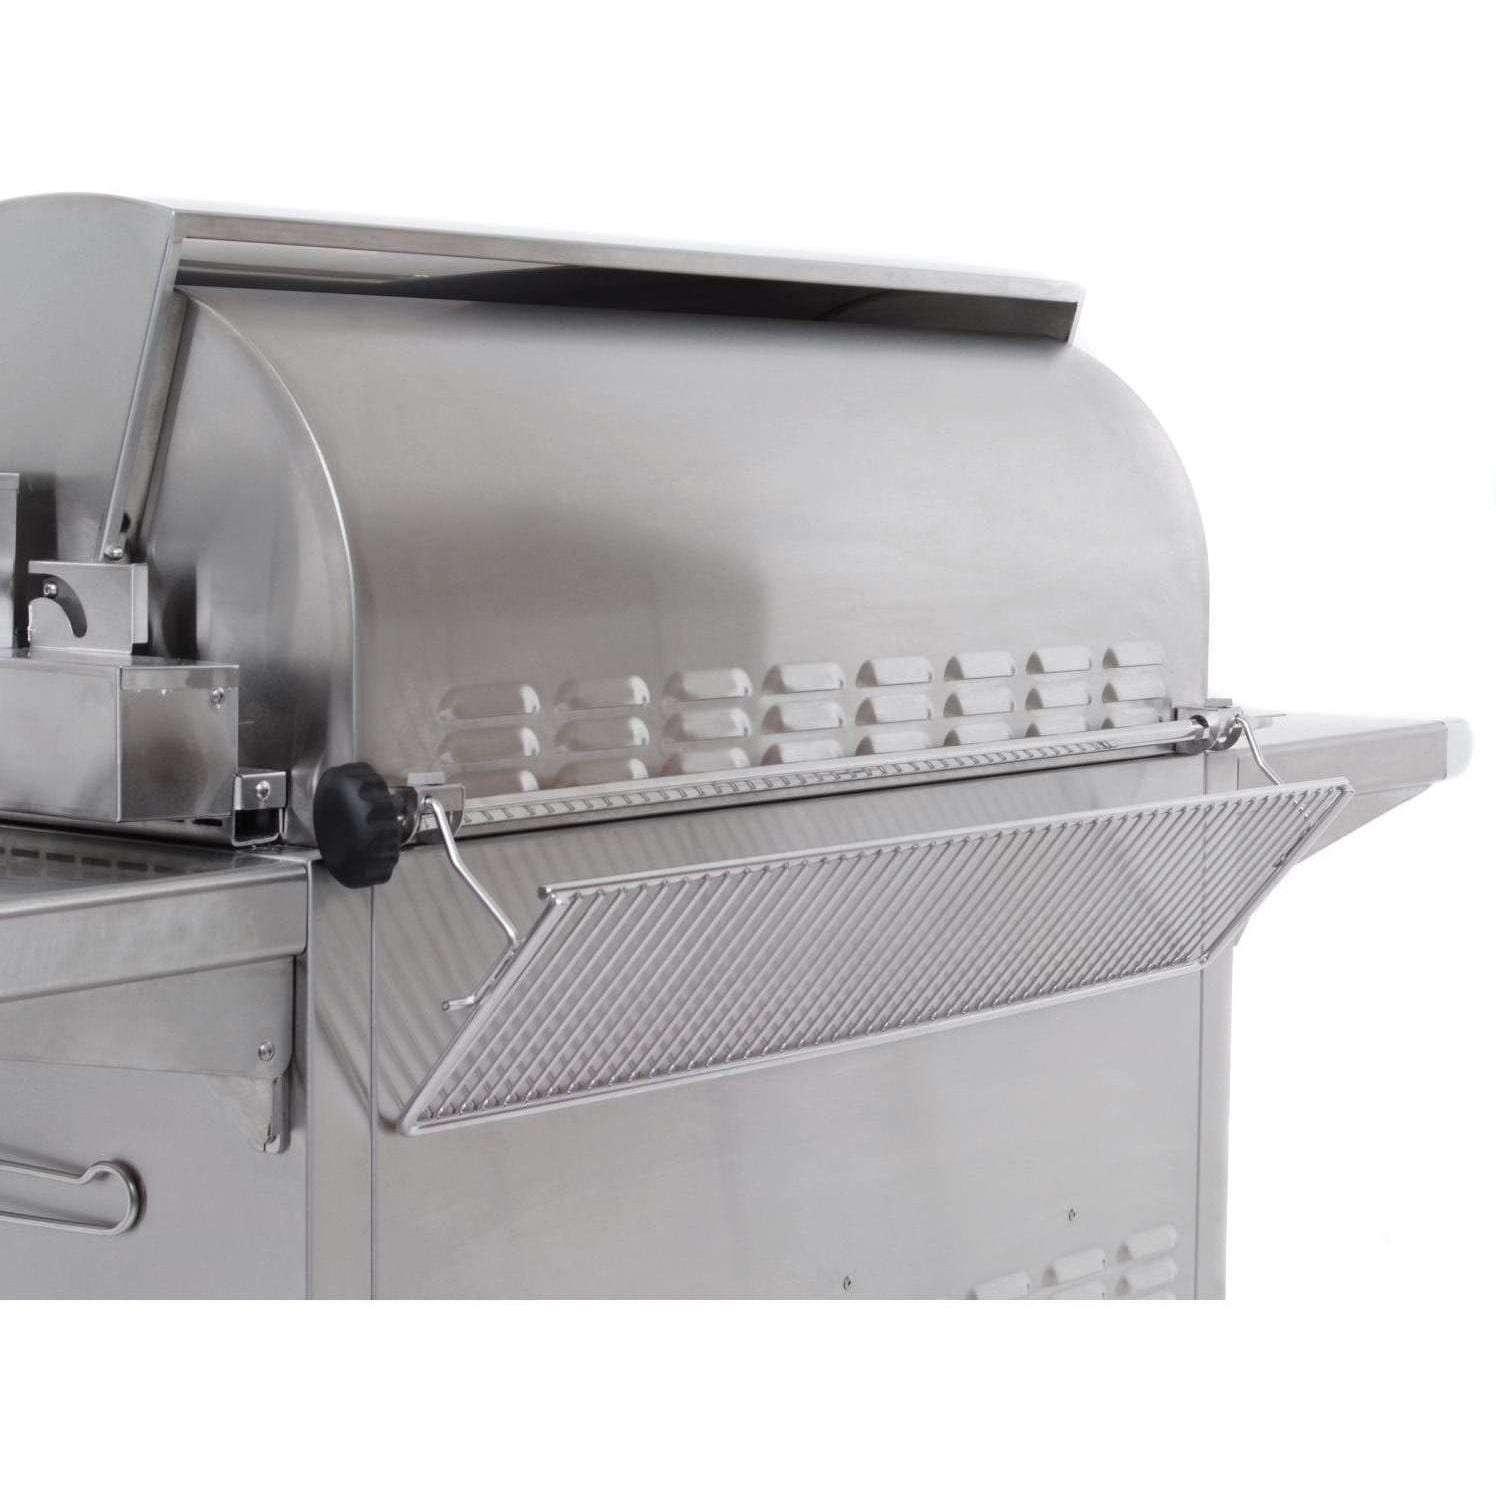 Fire Magic Echelon Diamond E790s Propane Grill